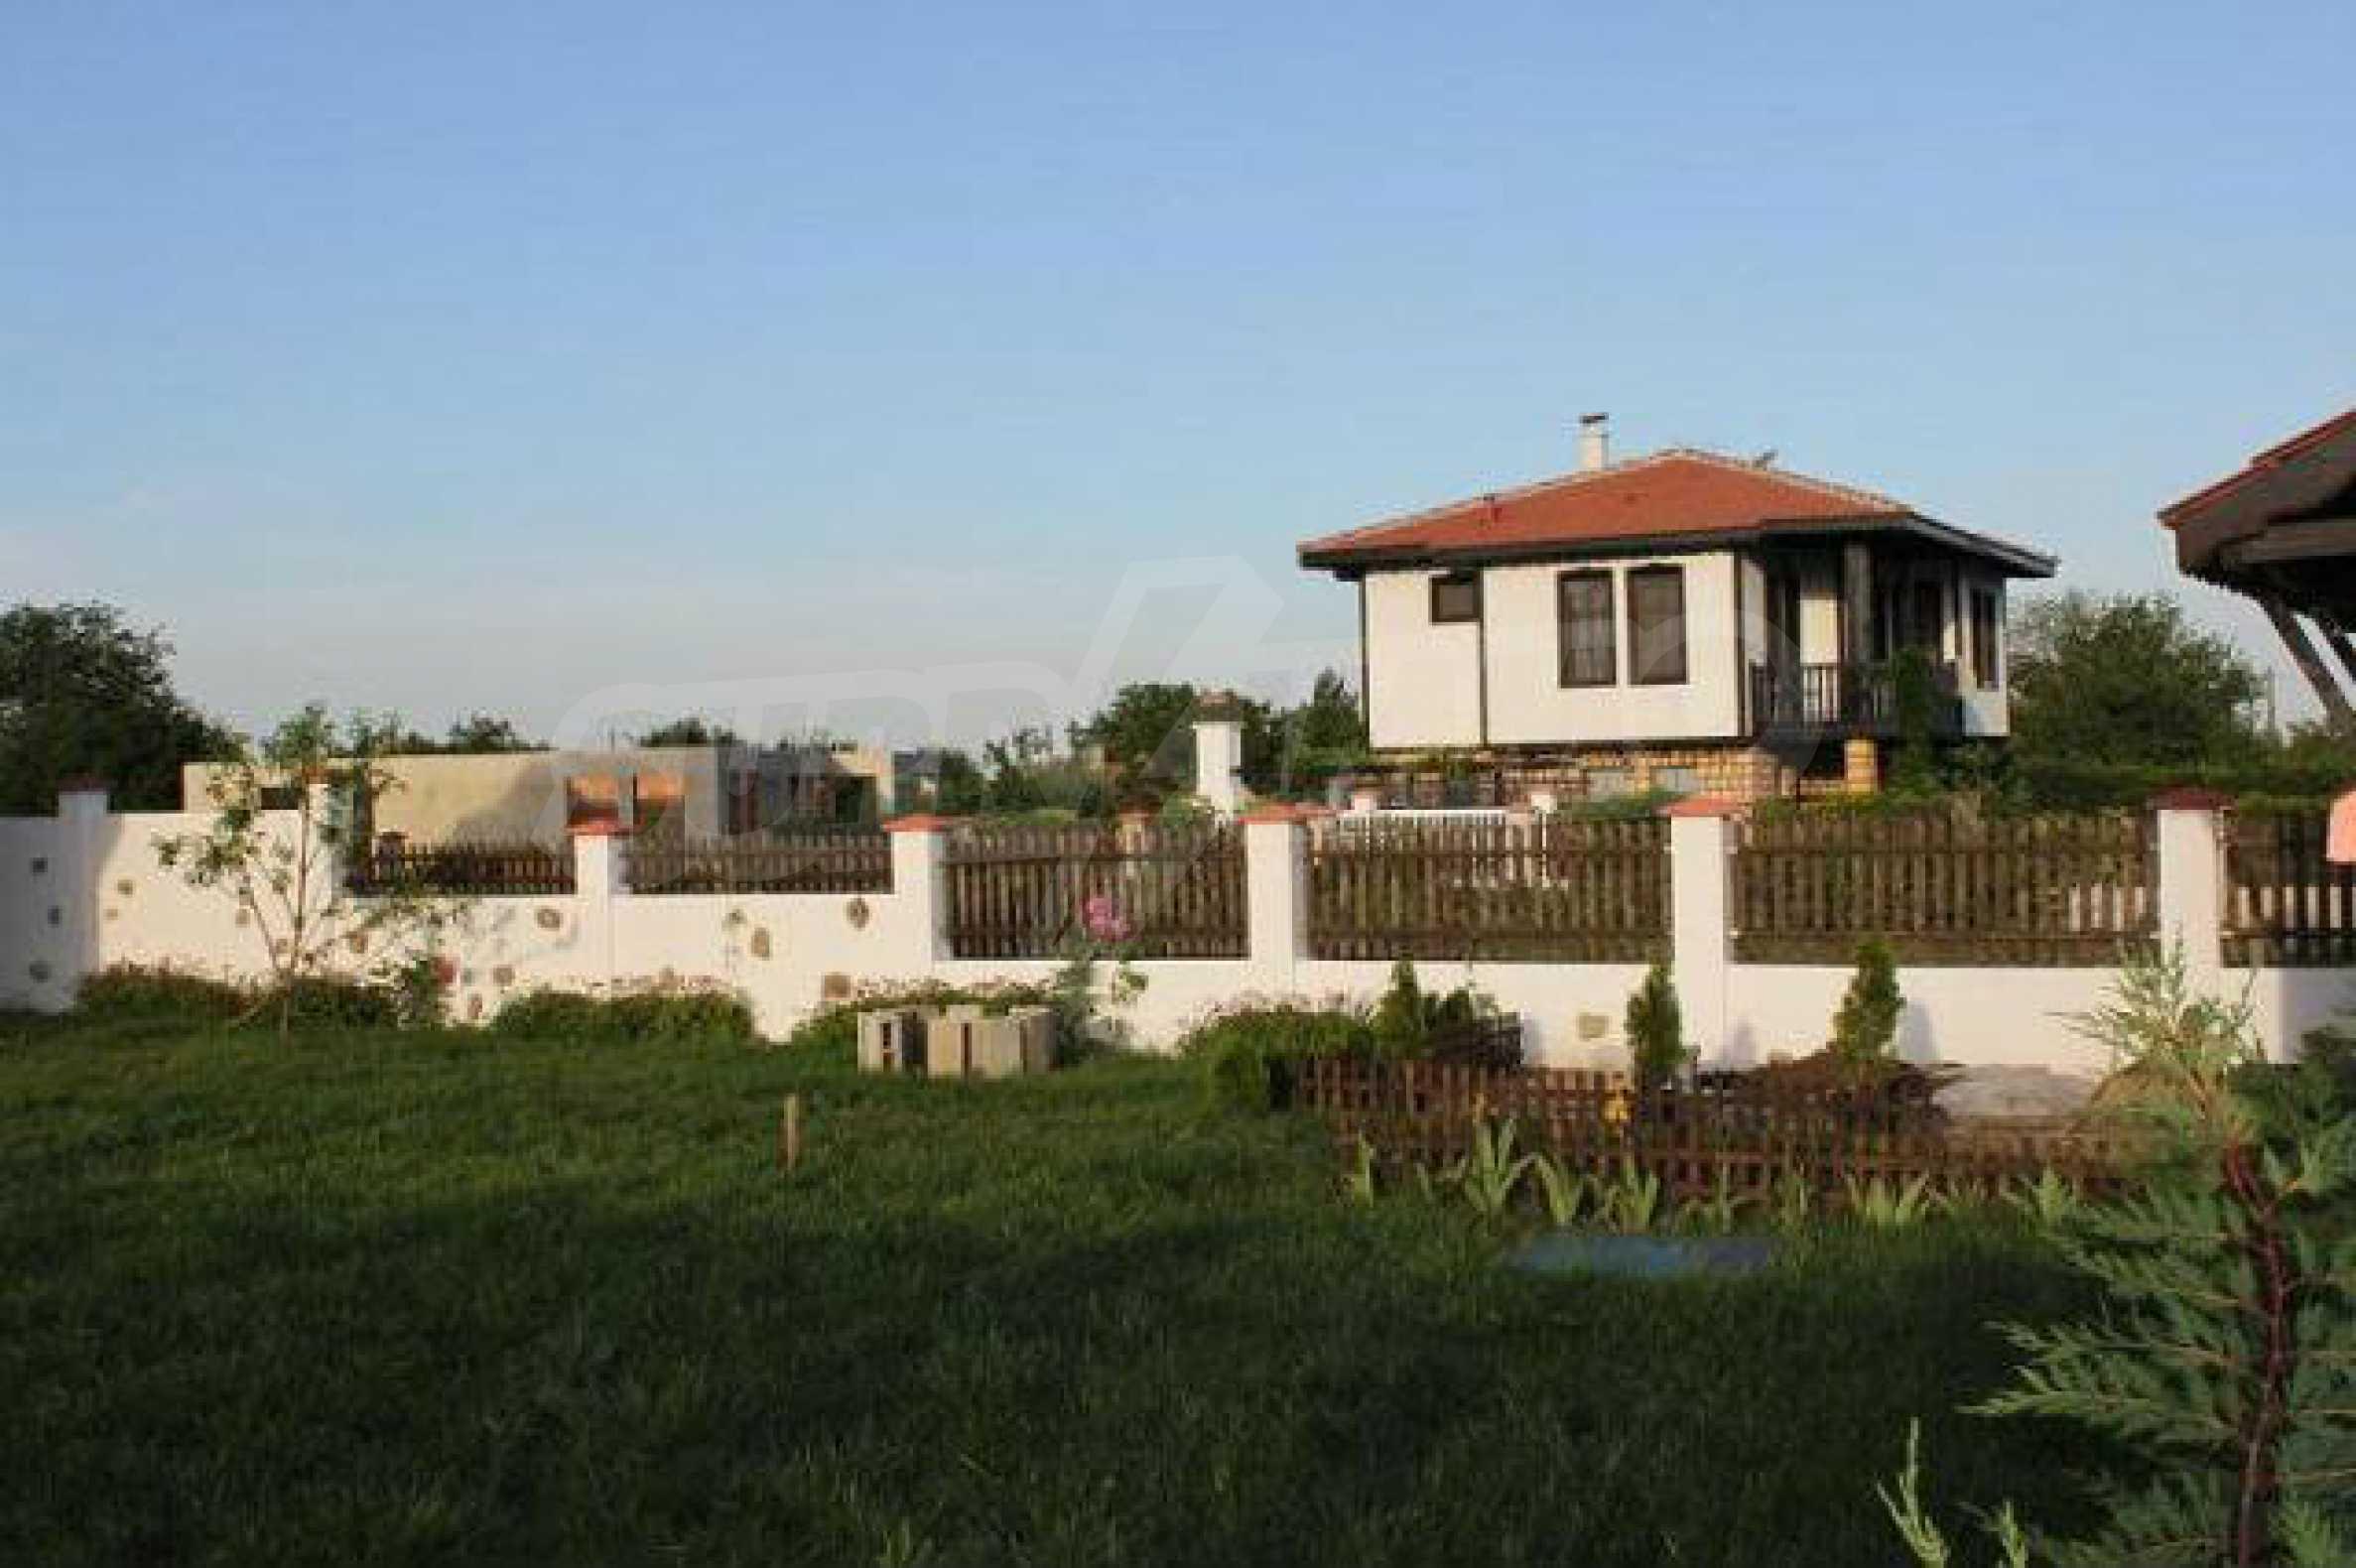 Neues zweistöckiges Haus 8 km von Baltschik entfernt 15